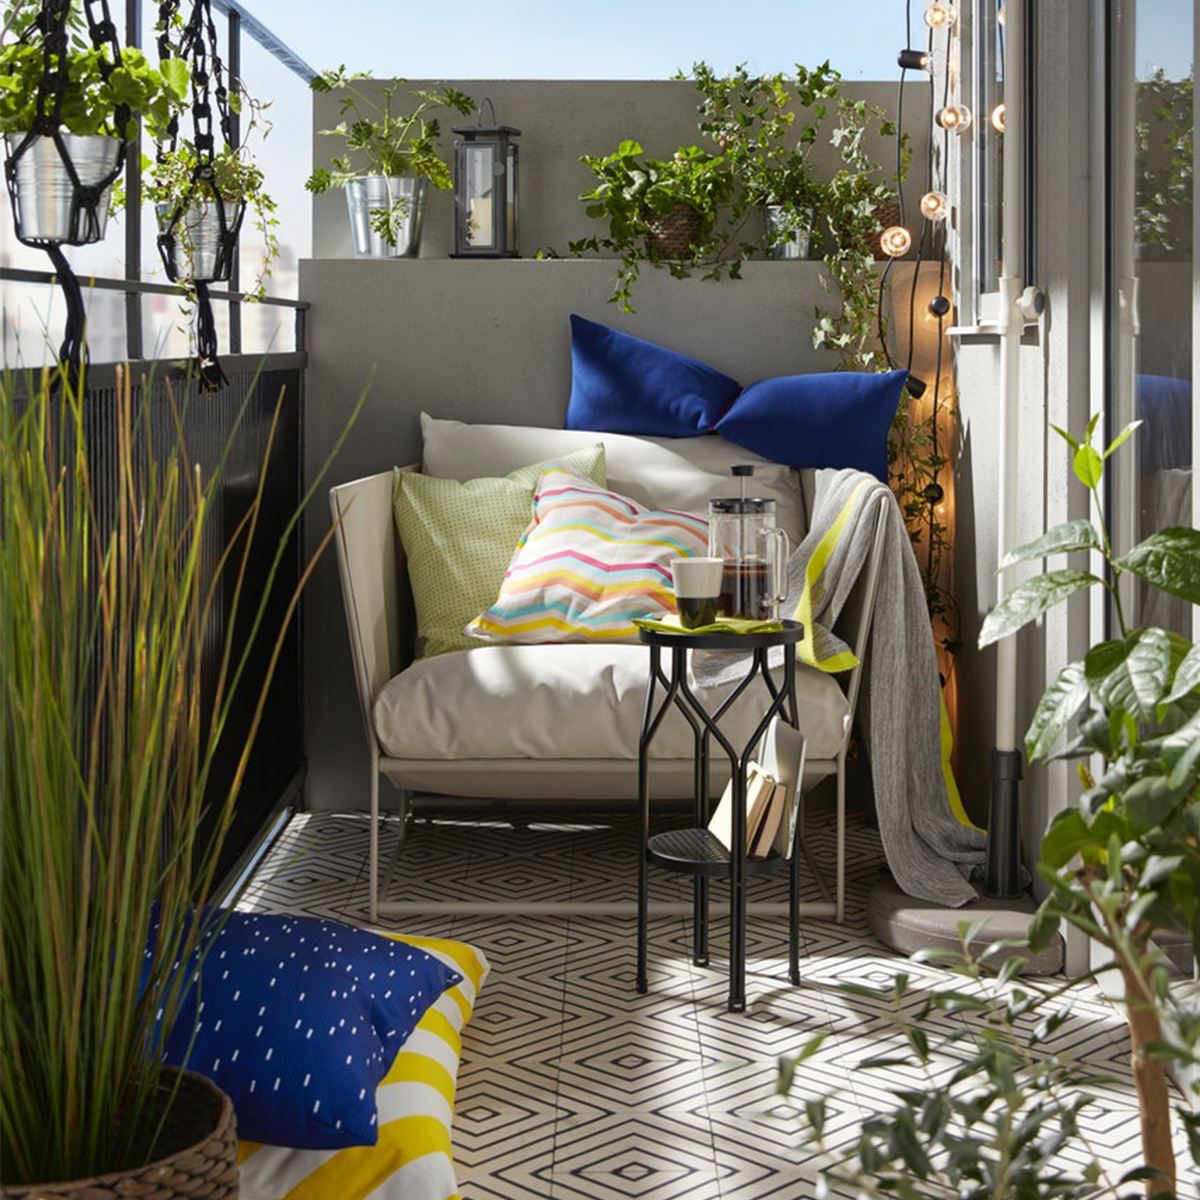 Petit Salon De Jardin Pour Balcon Luxe Idées Pour L ... serapportantà Salons De Jardin Ikea